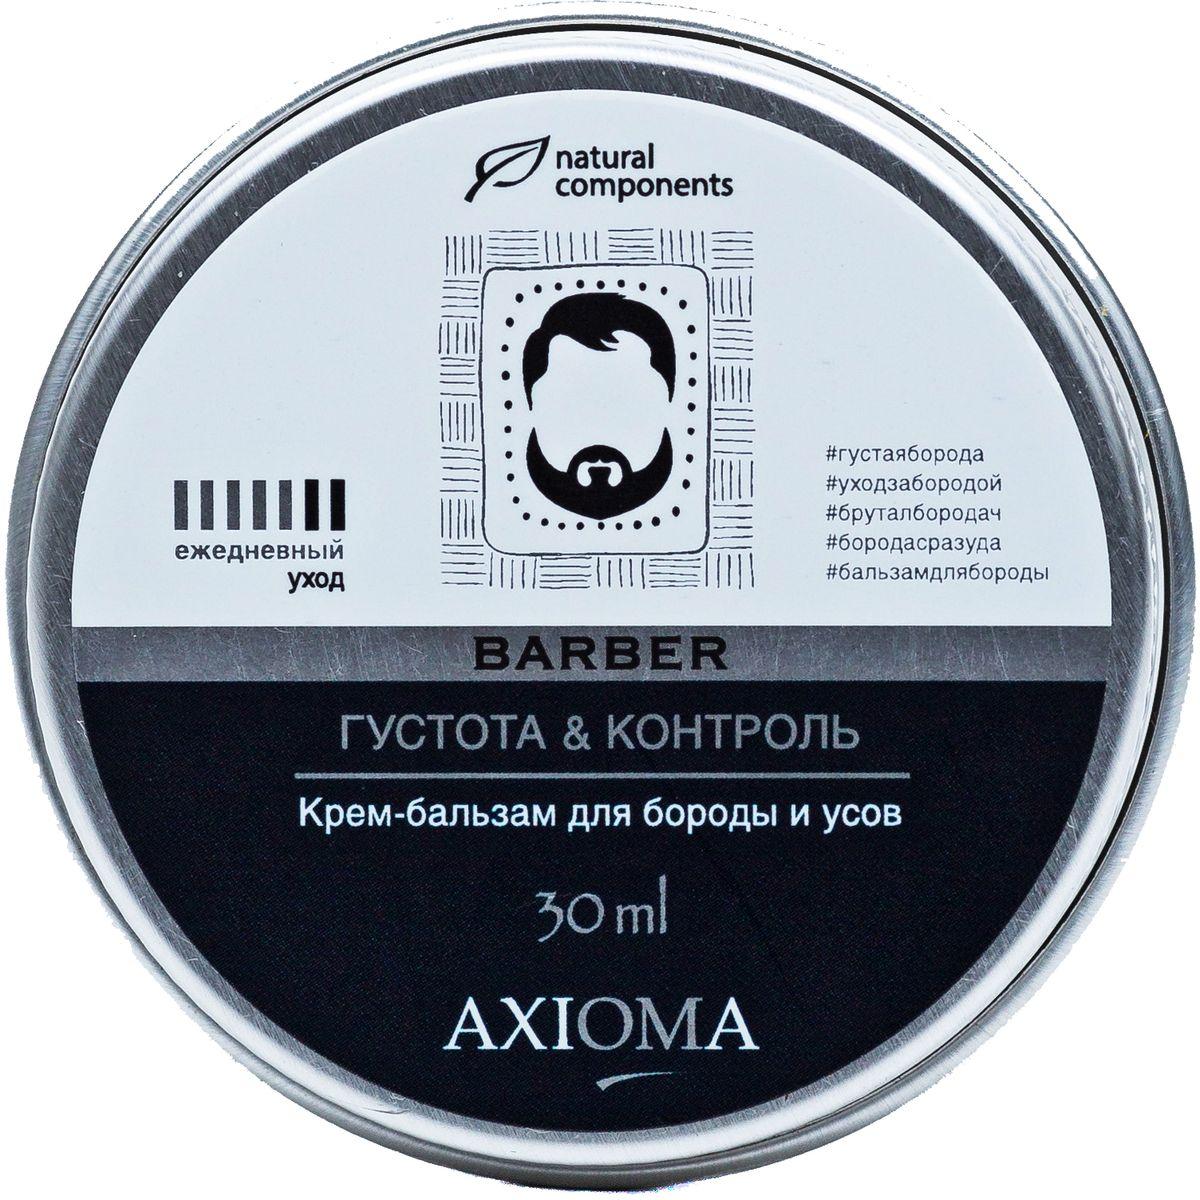 Axioma Крем-бальзам для бороды Густота и контроль, 30 мл8038Снимает раздражение и зуд, дисциплинирует жесткие, непослушные волосы, питает и восстанавливает. Обволакивает каждый волосок защитной пленкой, делая бороду визуально более густой.